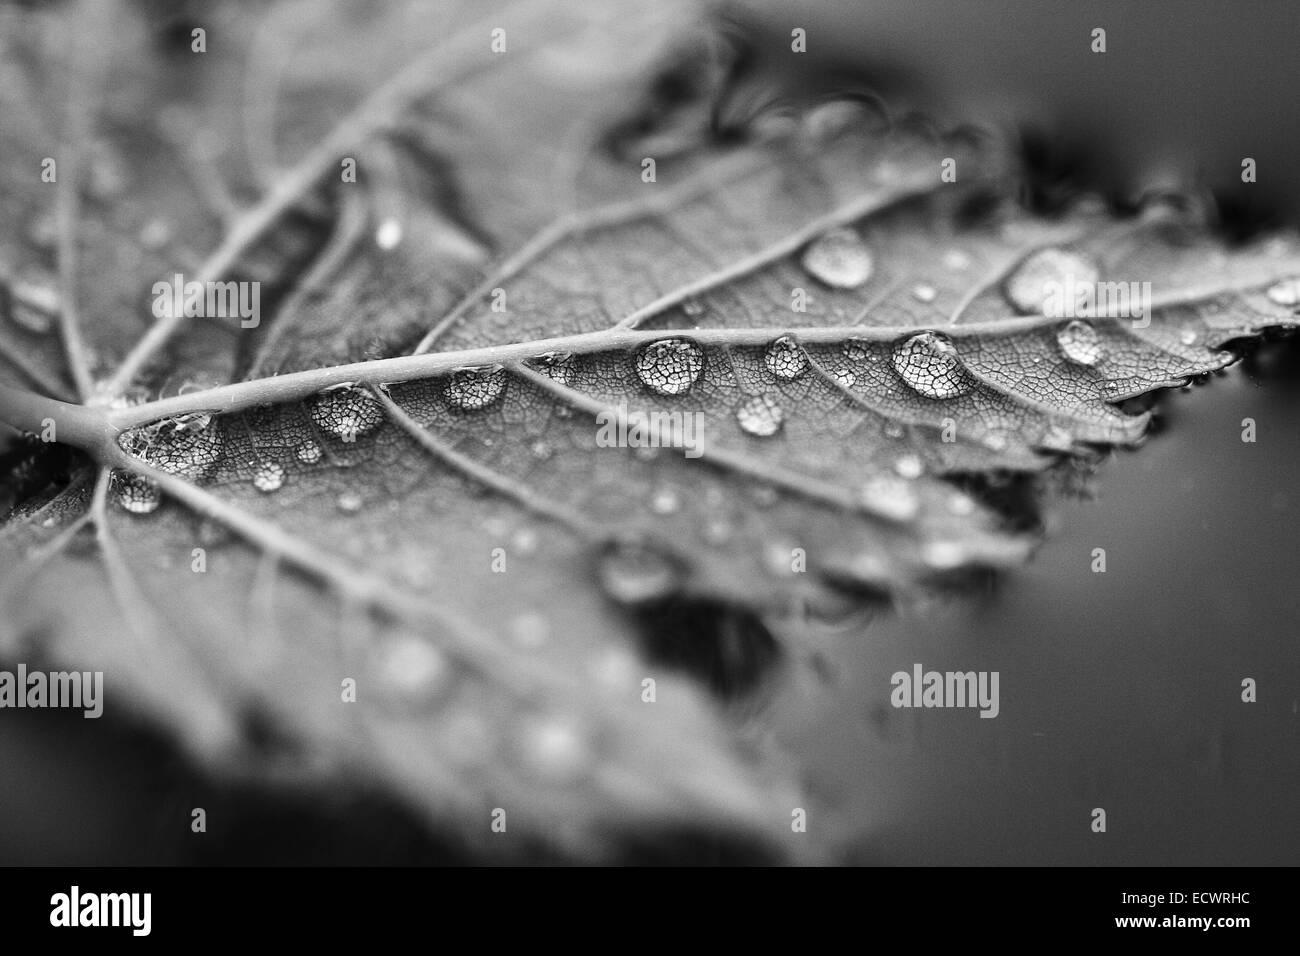 Ahornblatt mit Wassertropfen auf dem Wasser schwimmt Stockbild